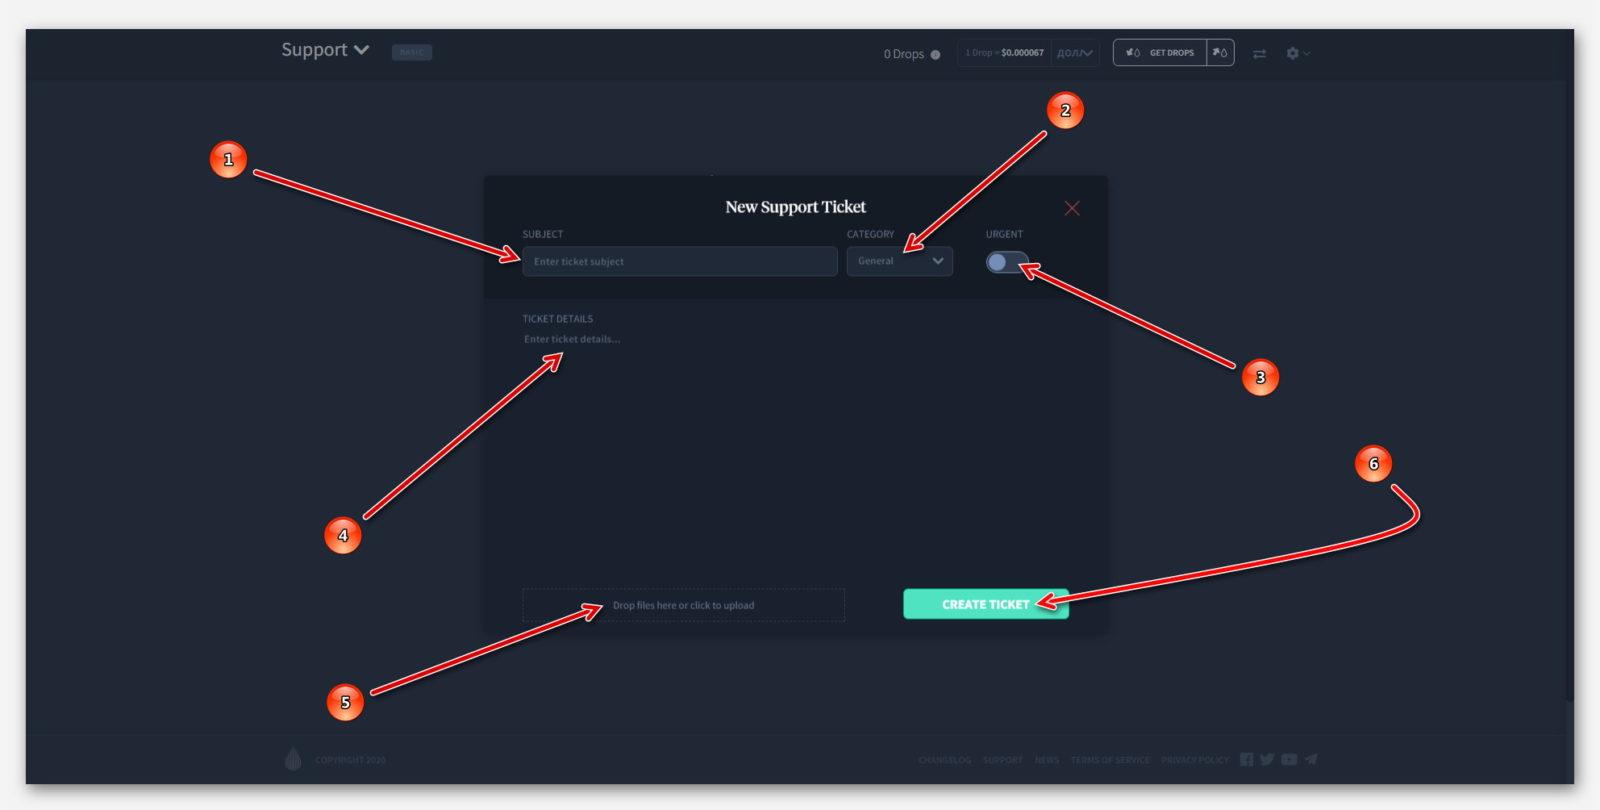 Процесс создание вопроса, в техническую поддержку, в проекте Dropil